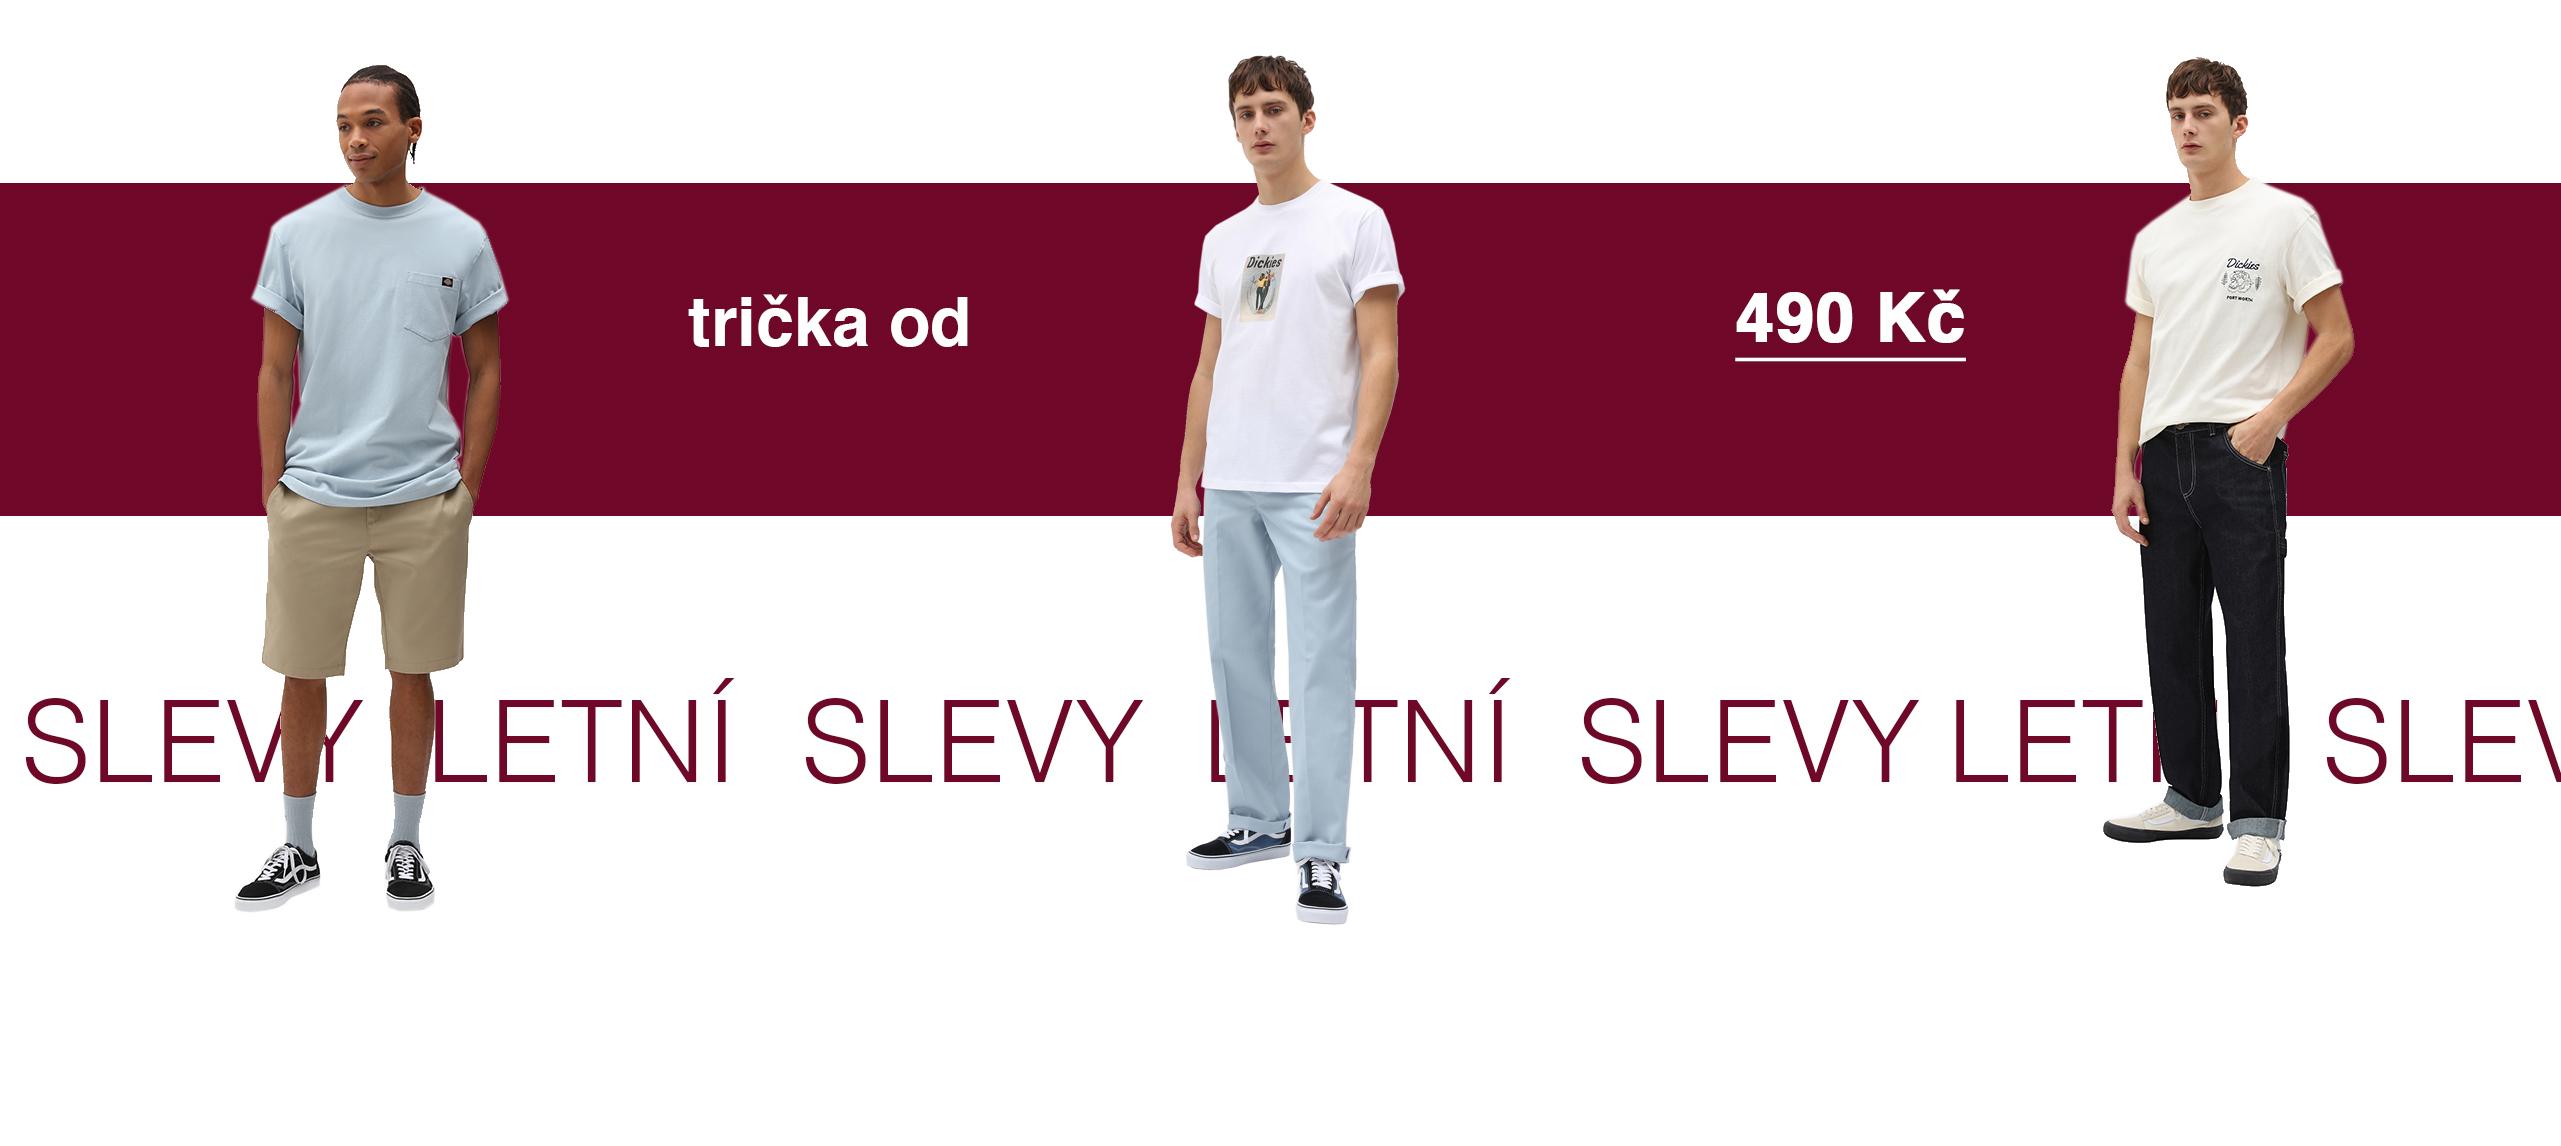 trička 490